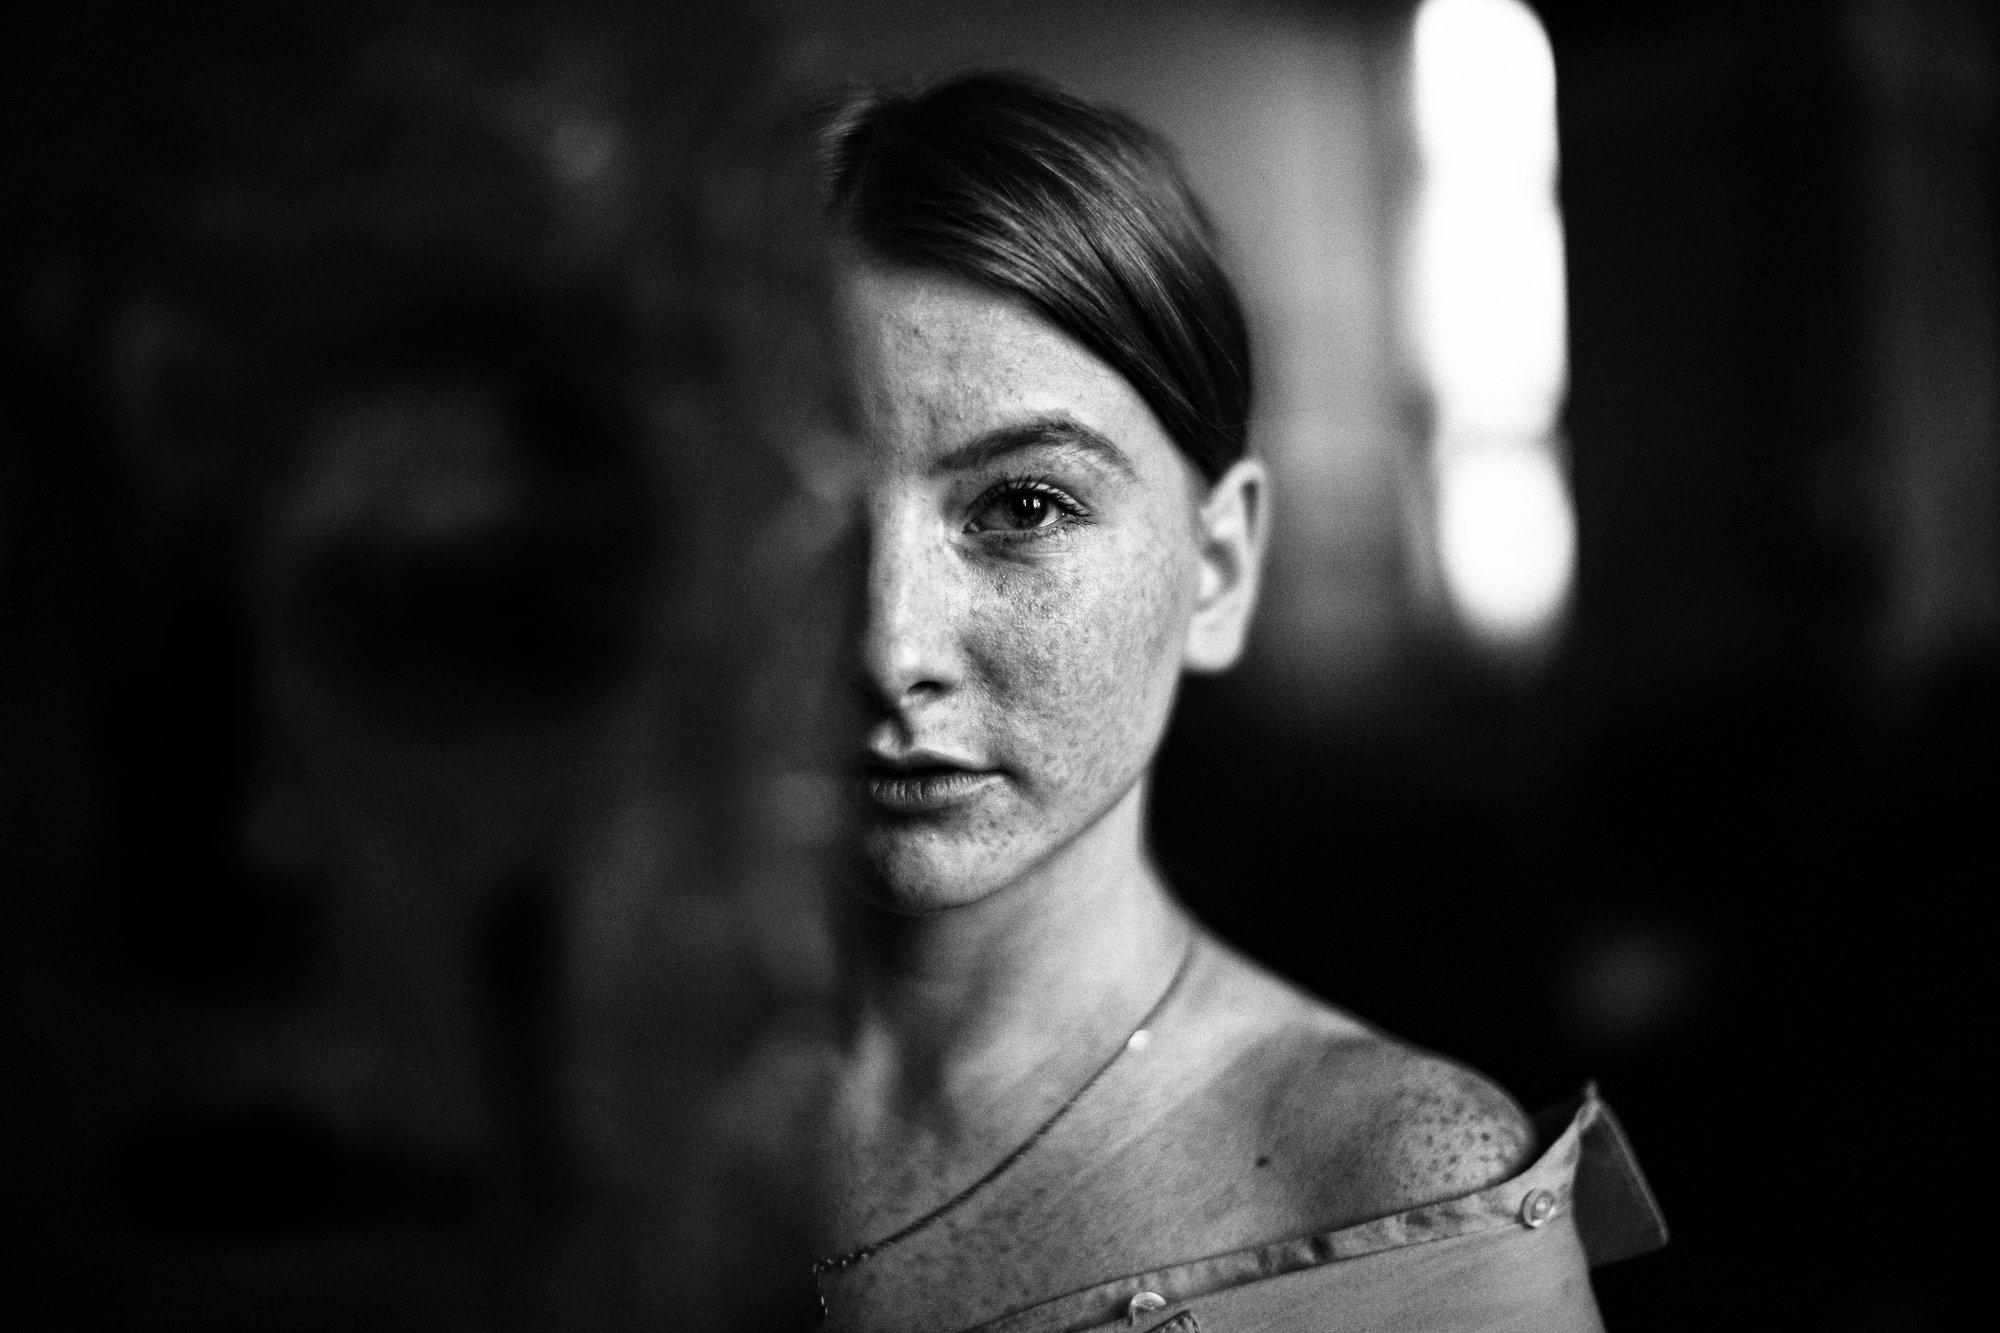 рыжая девушка веснушки красота маска медь свет окно, Анна Луценко